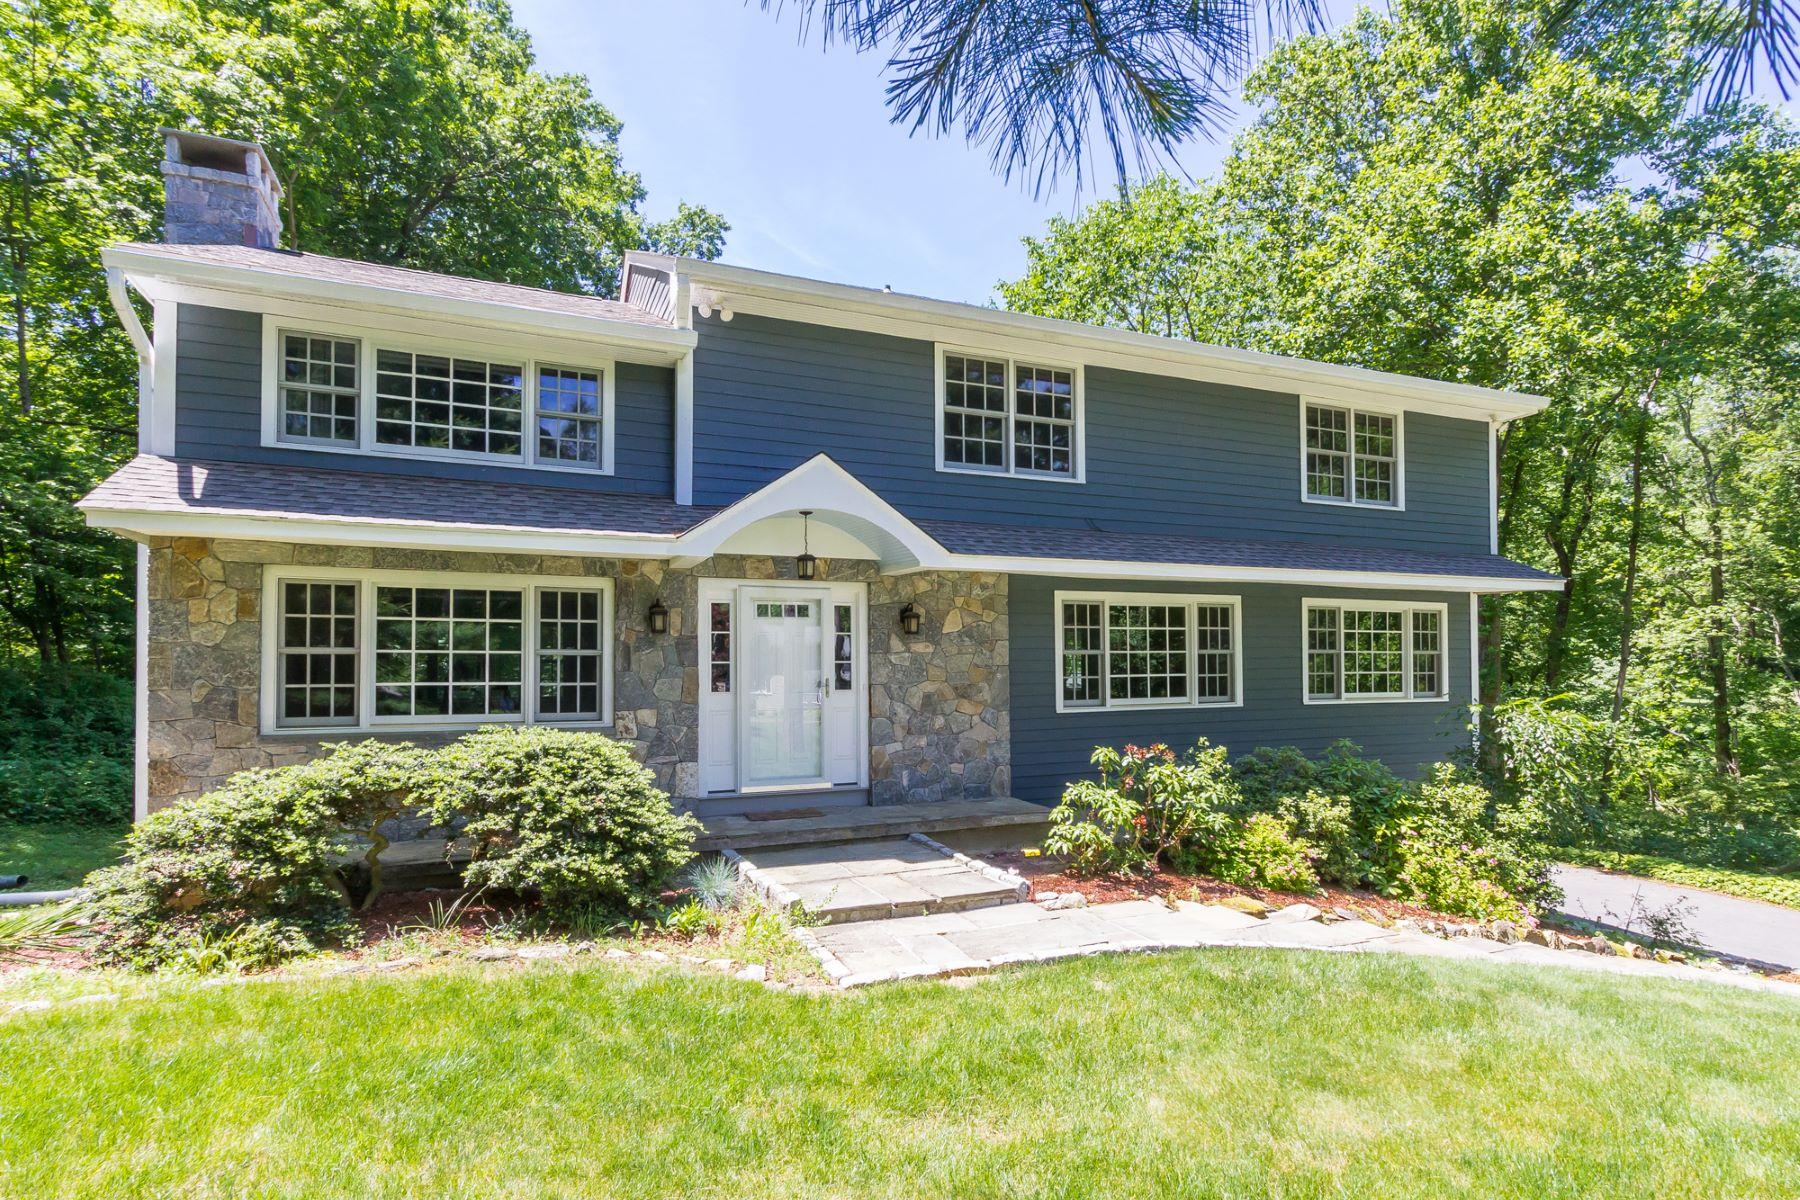 独户住宅 为 销售 在 Completely Renovated 126 Holmes Road 里奇菲尔德, 康涅狄格州 06877 美国